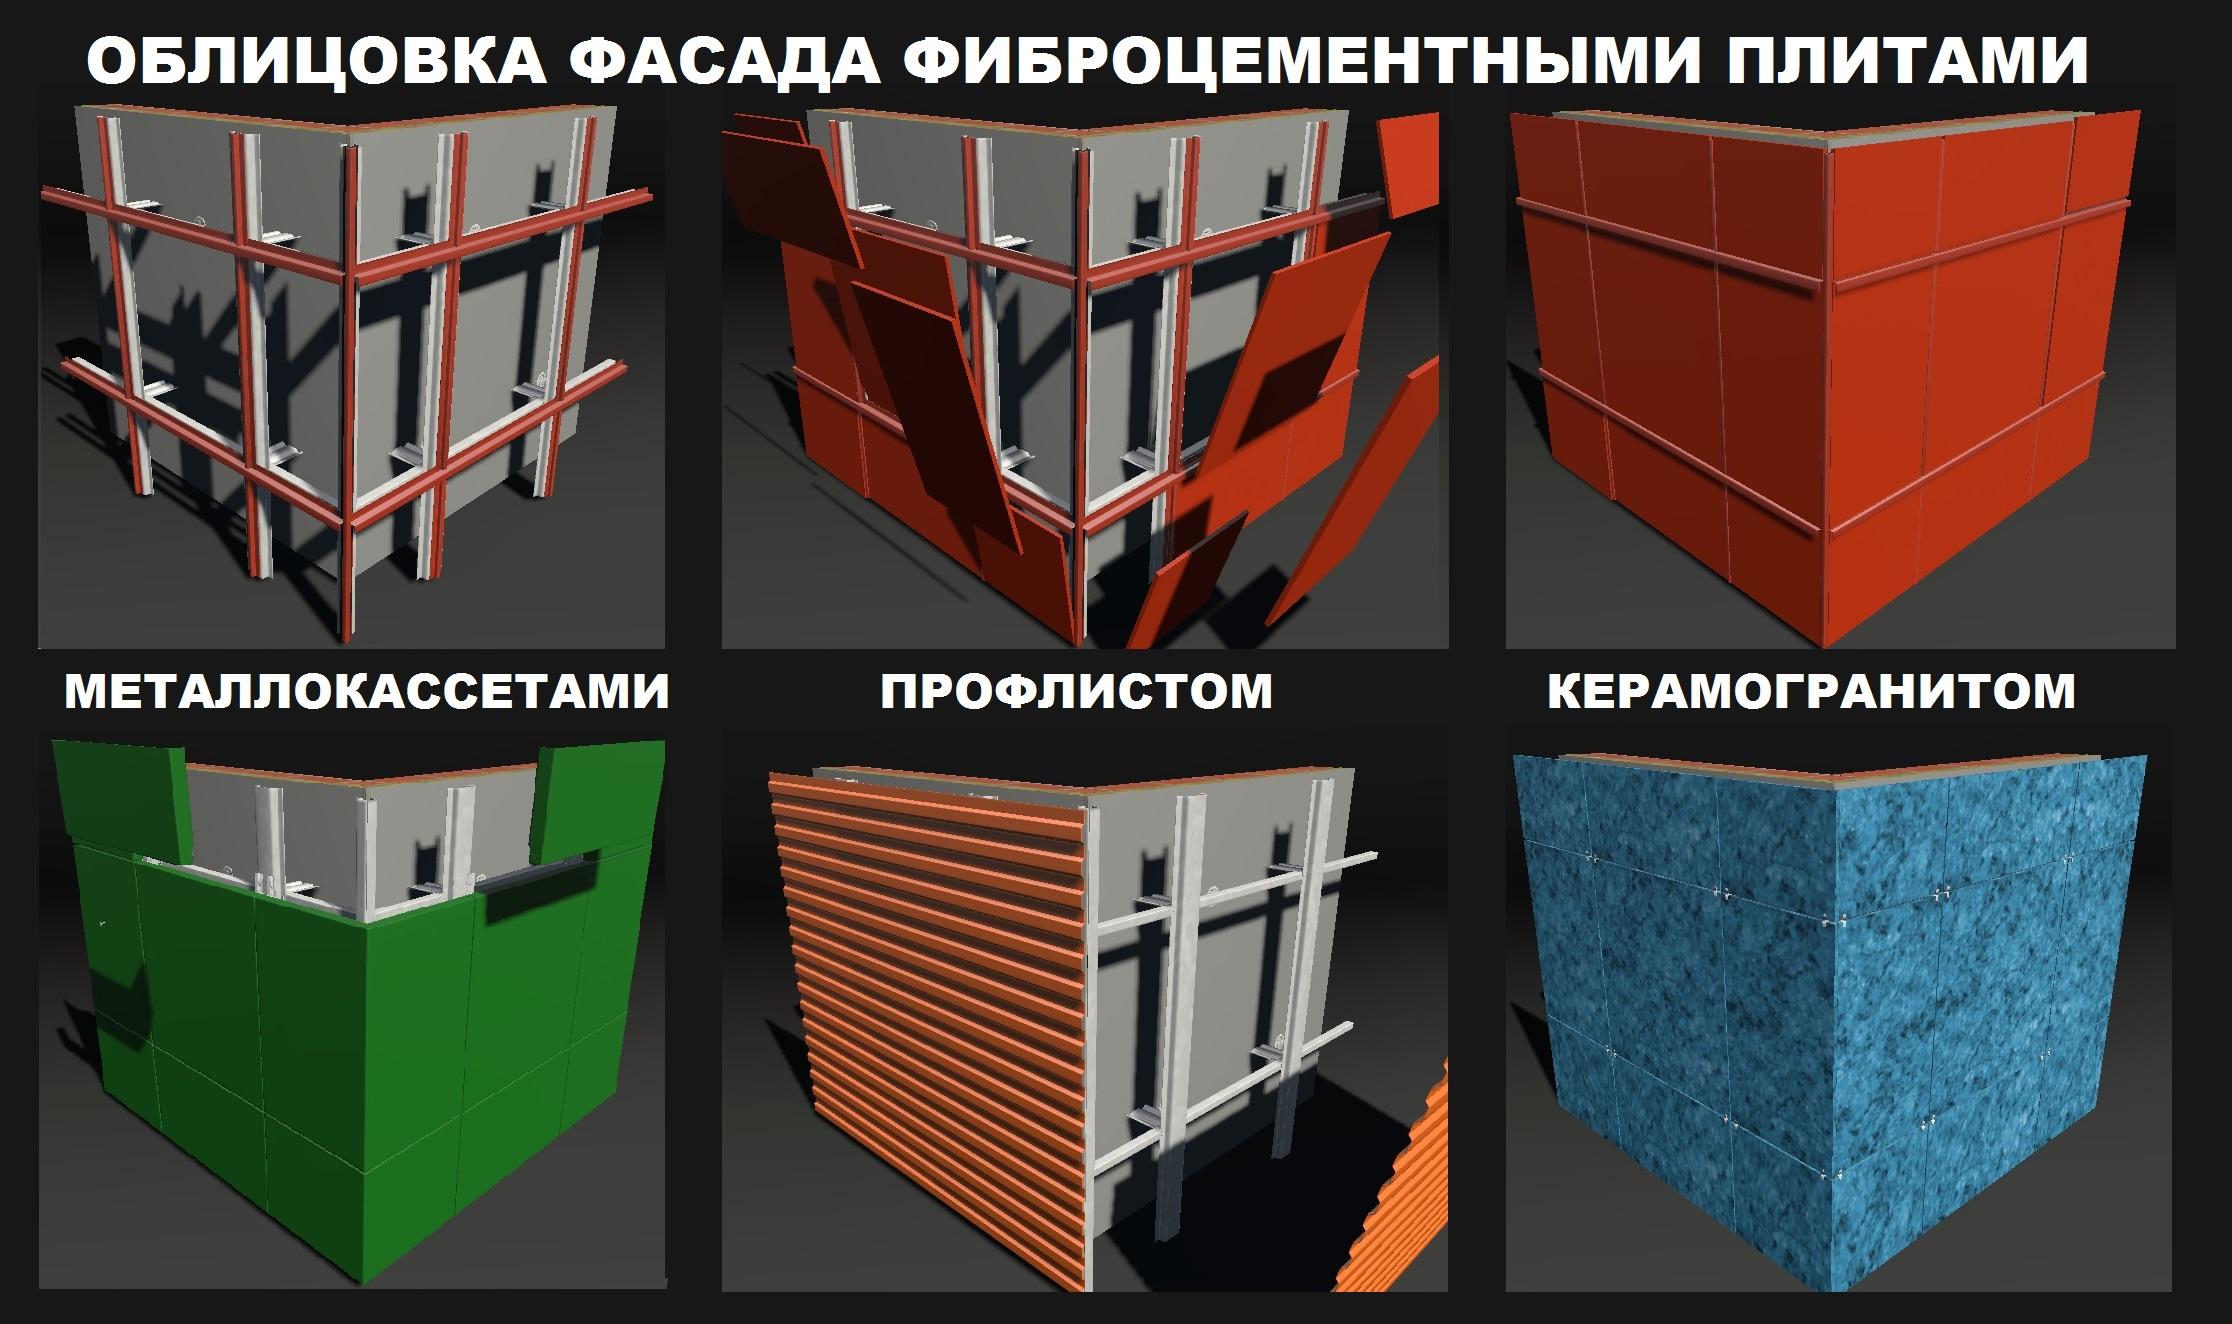 Облицовка фасада фиброцементными плитами, металлокассетами, профлистом, керамогранитом